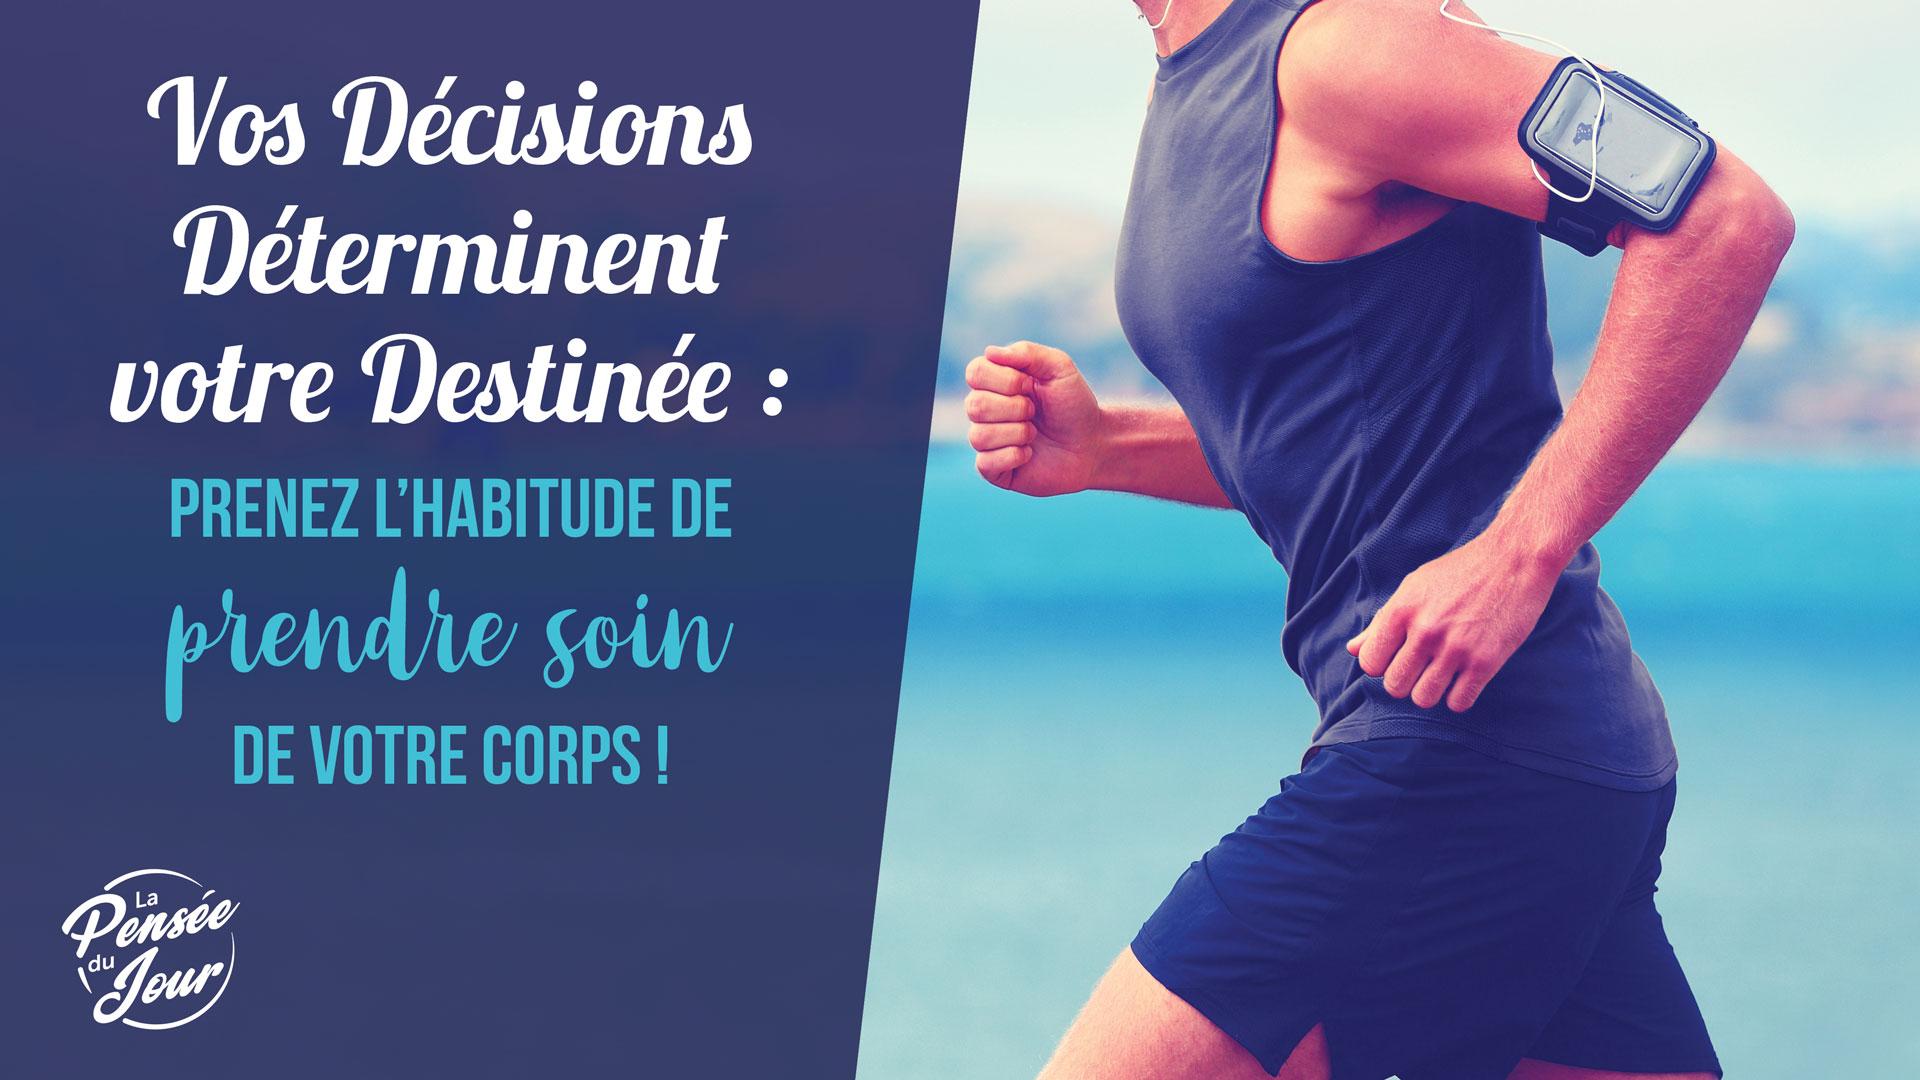 Vos Décisions Déterminent votre Destinée :  prenez l'habitude de prendre soin de votre corps !